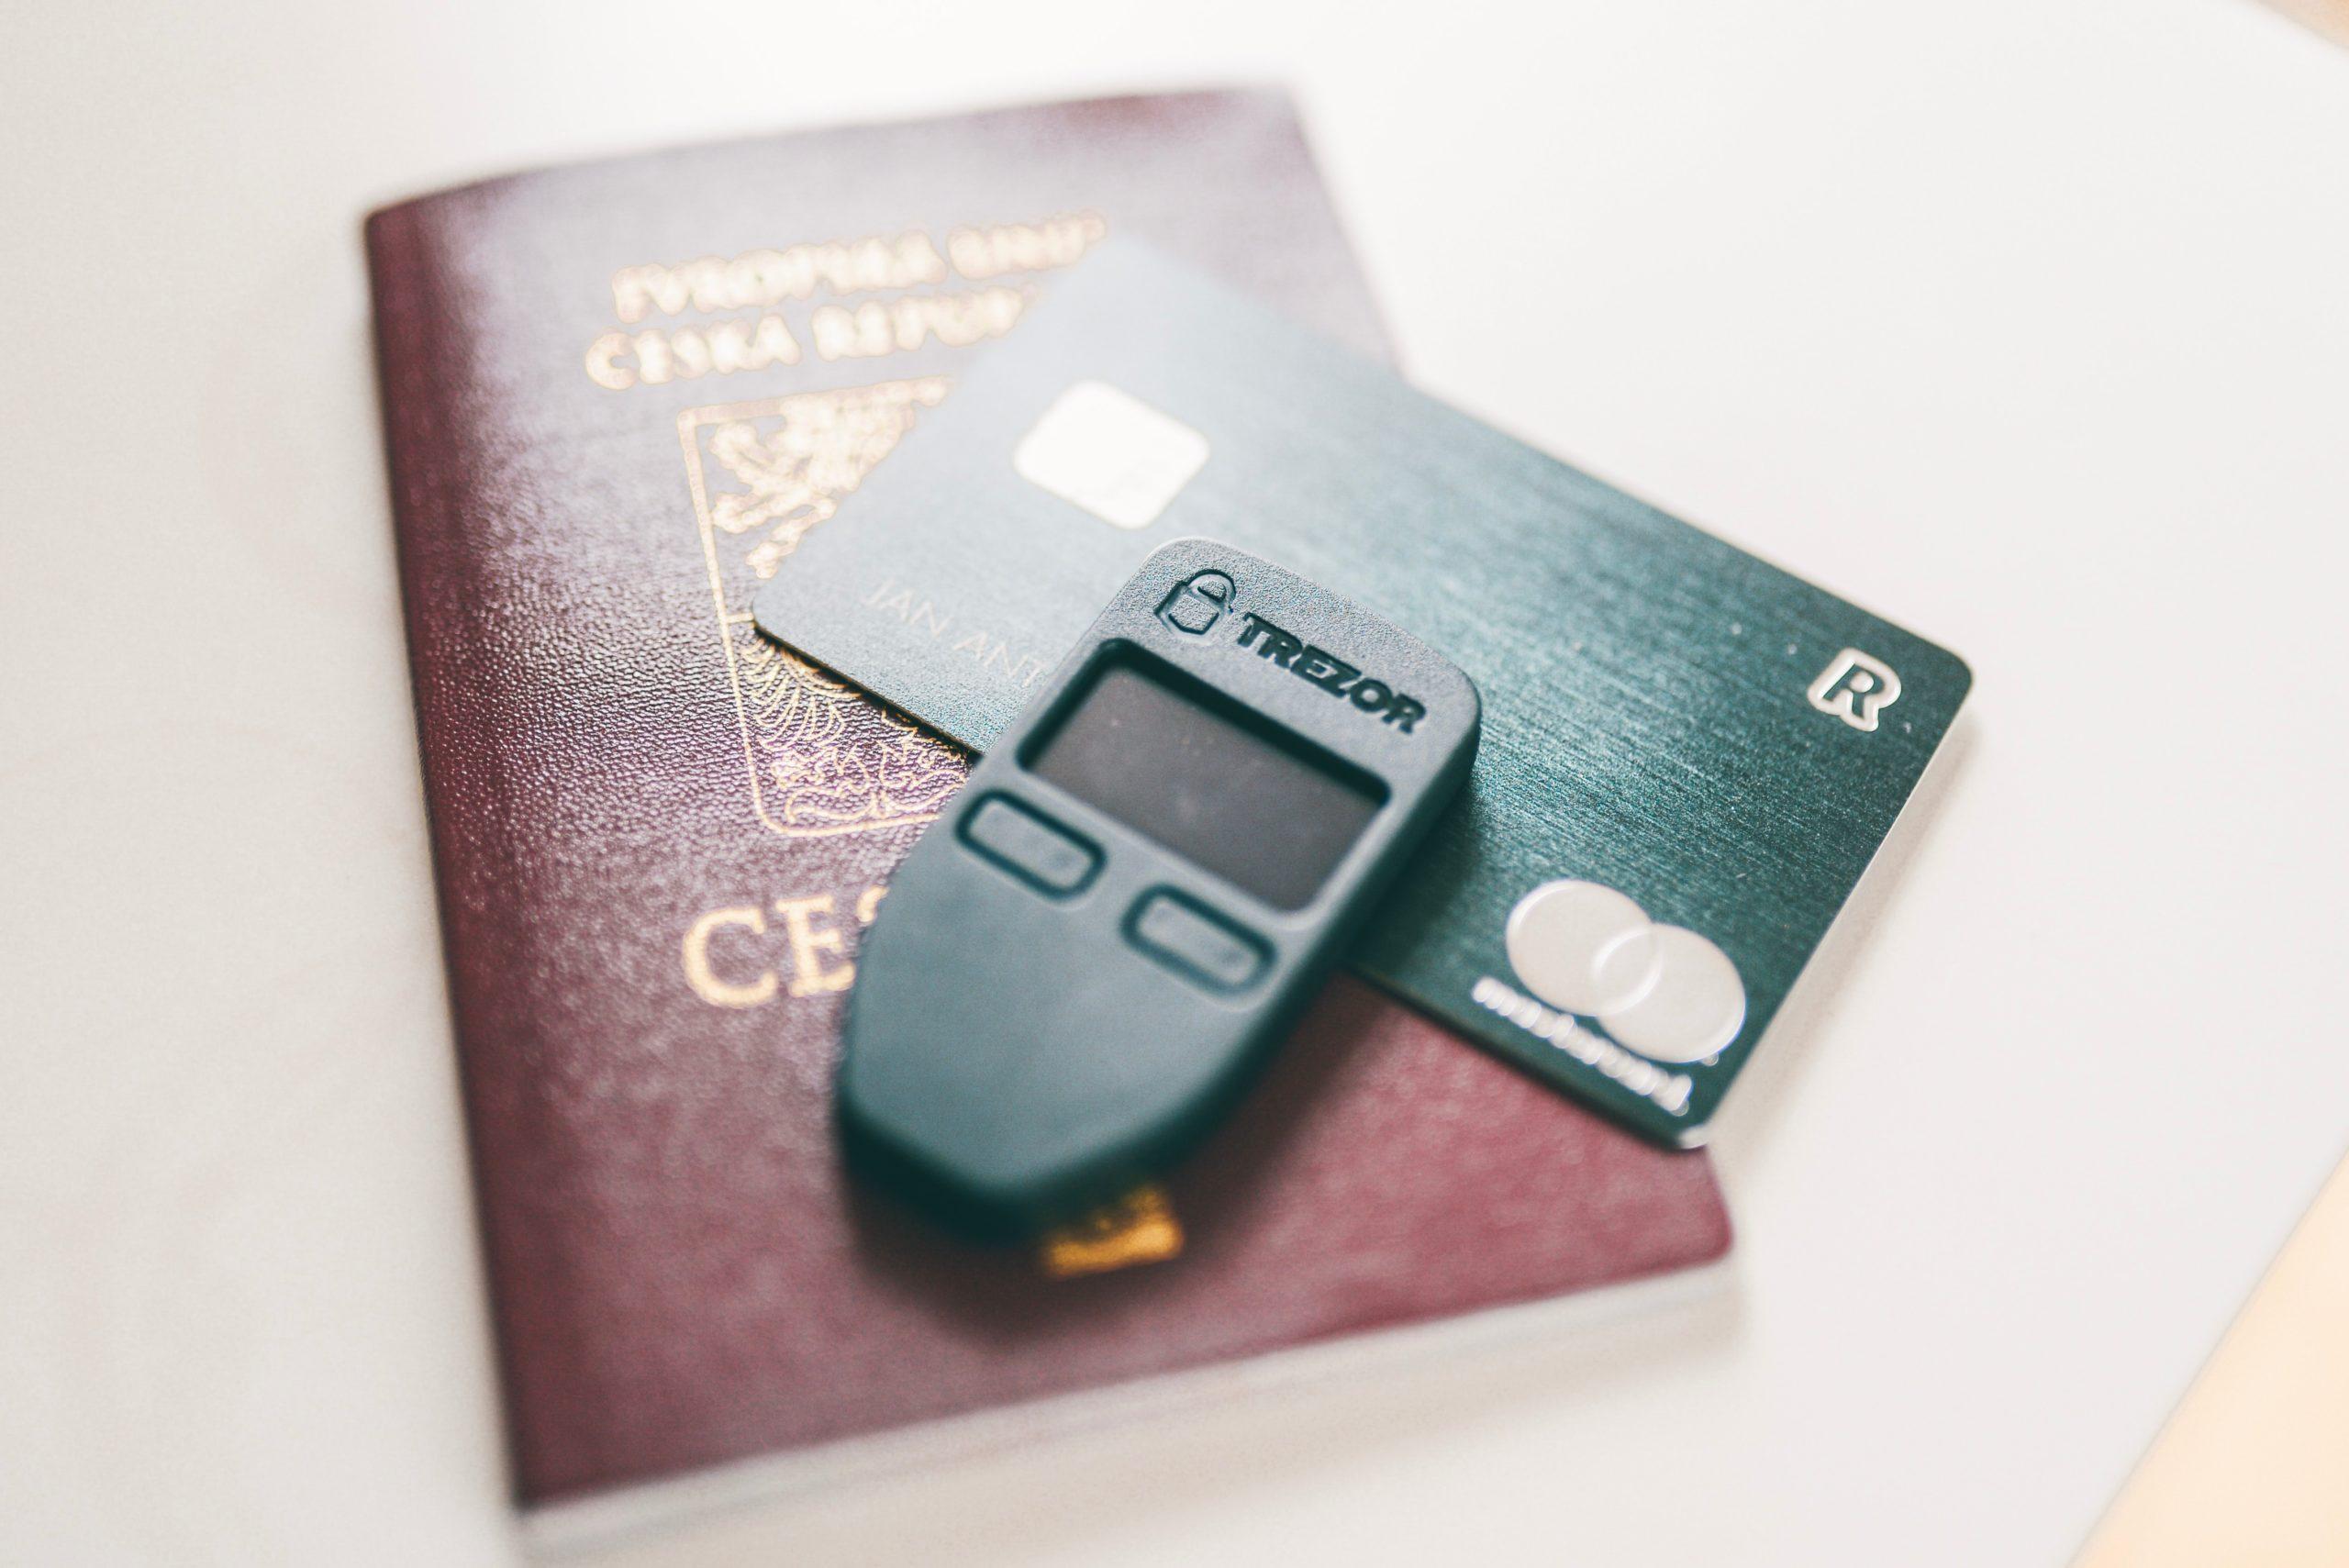 クレジットカード 2020年問題 期限 見分け方